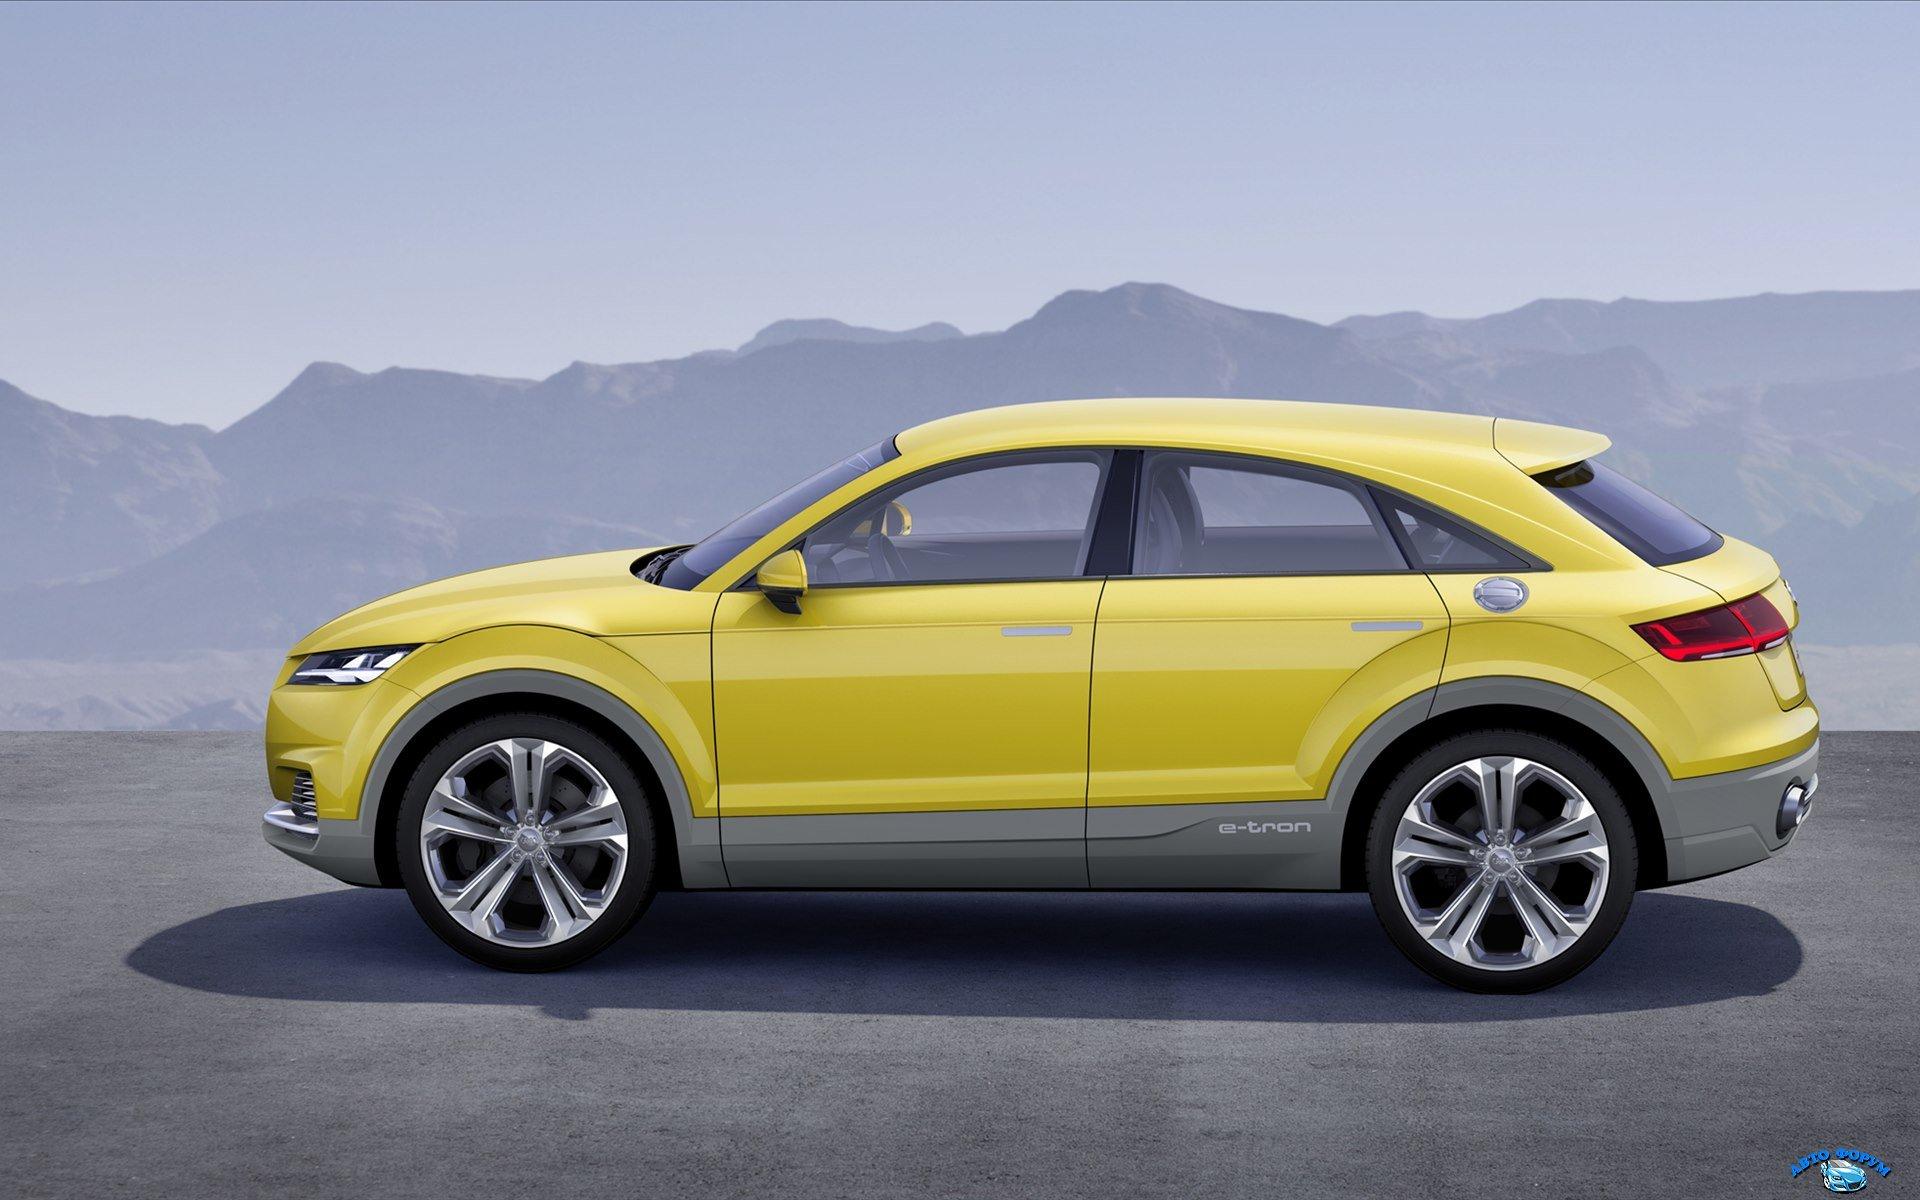 Audi-TT-offroad-concept-2014-widescreen-02.jpg